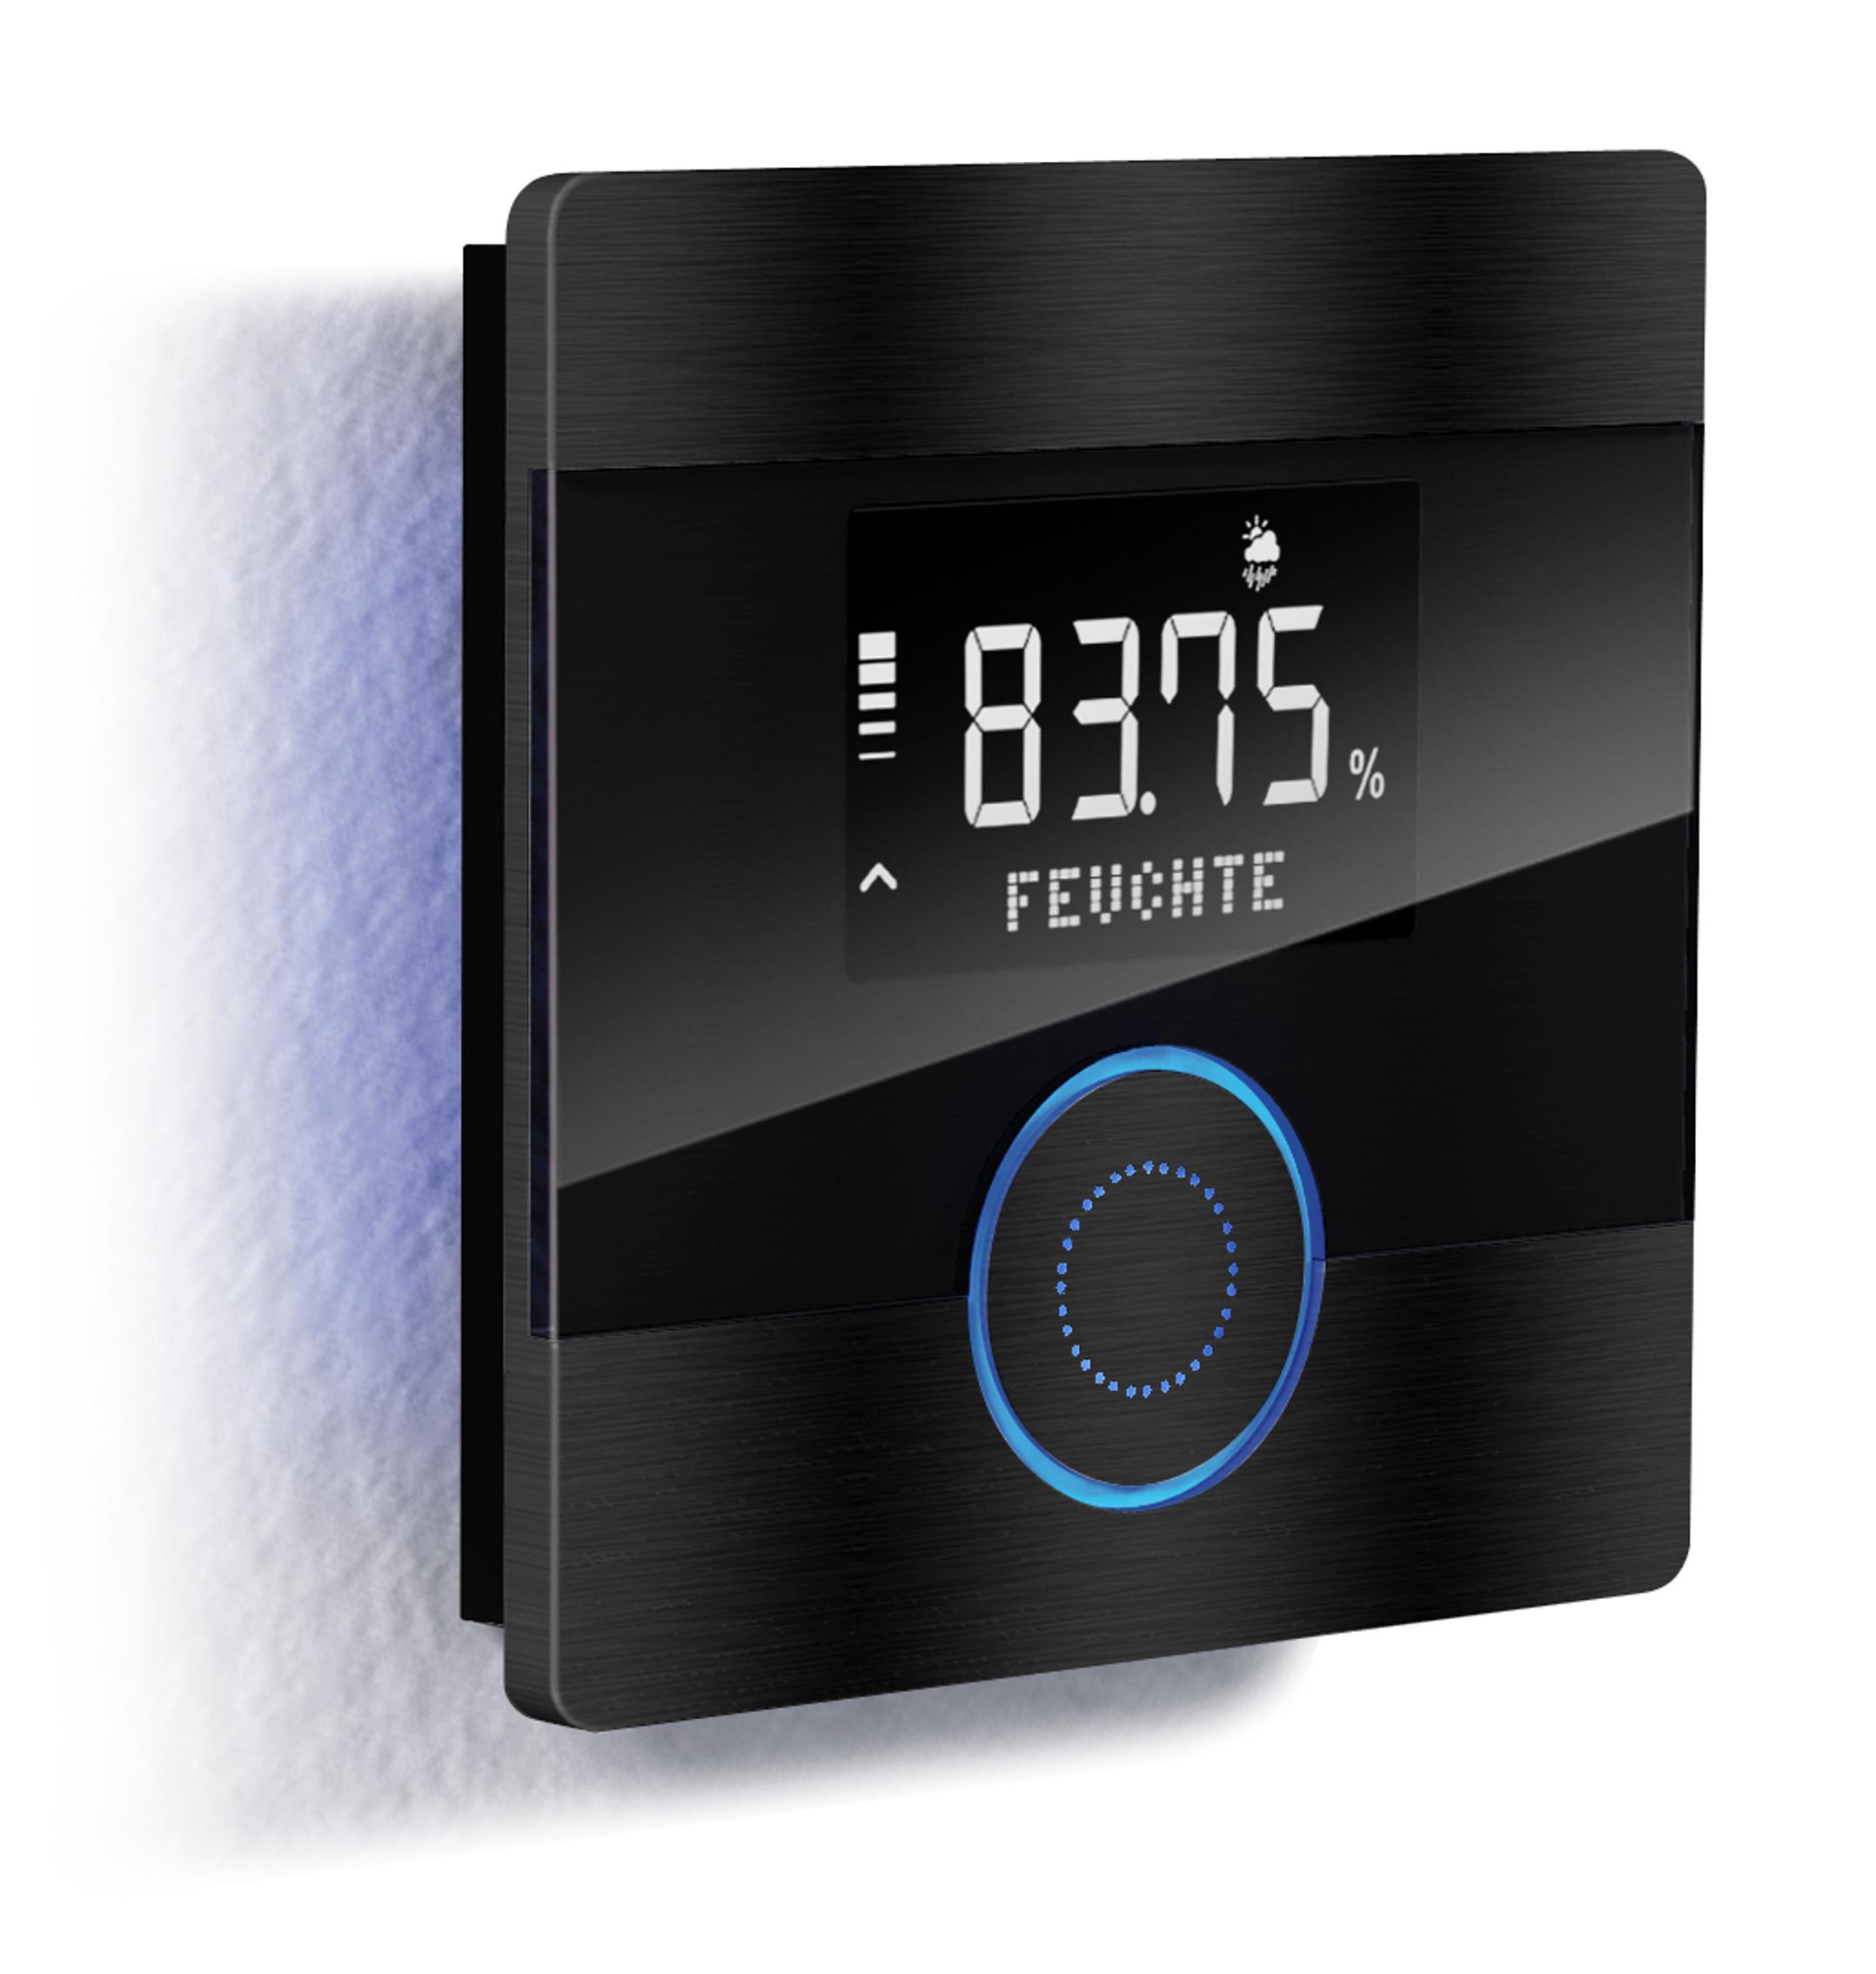 enertex synohr der raumcontroller mit integrierter spracherkennung. Black Bedroom Furniture Sets. Home Design Ideas